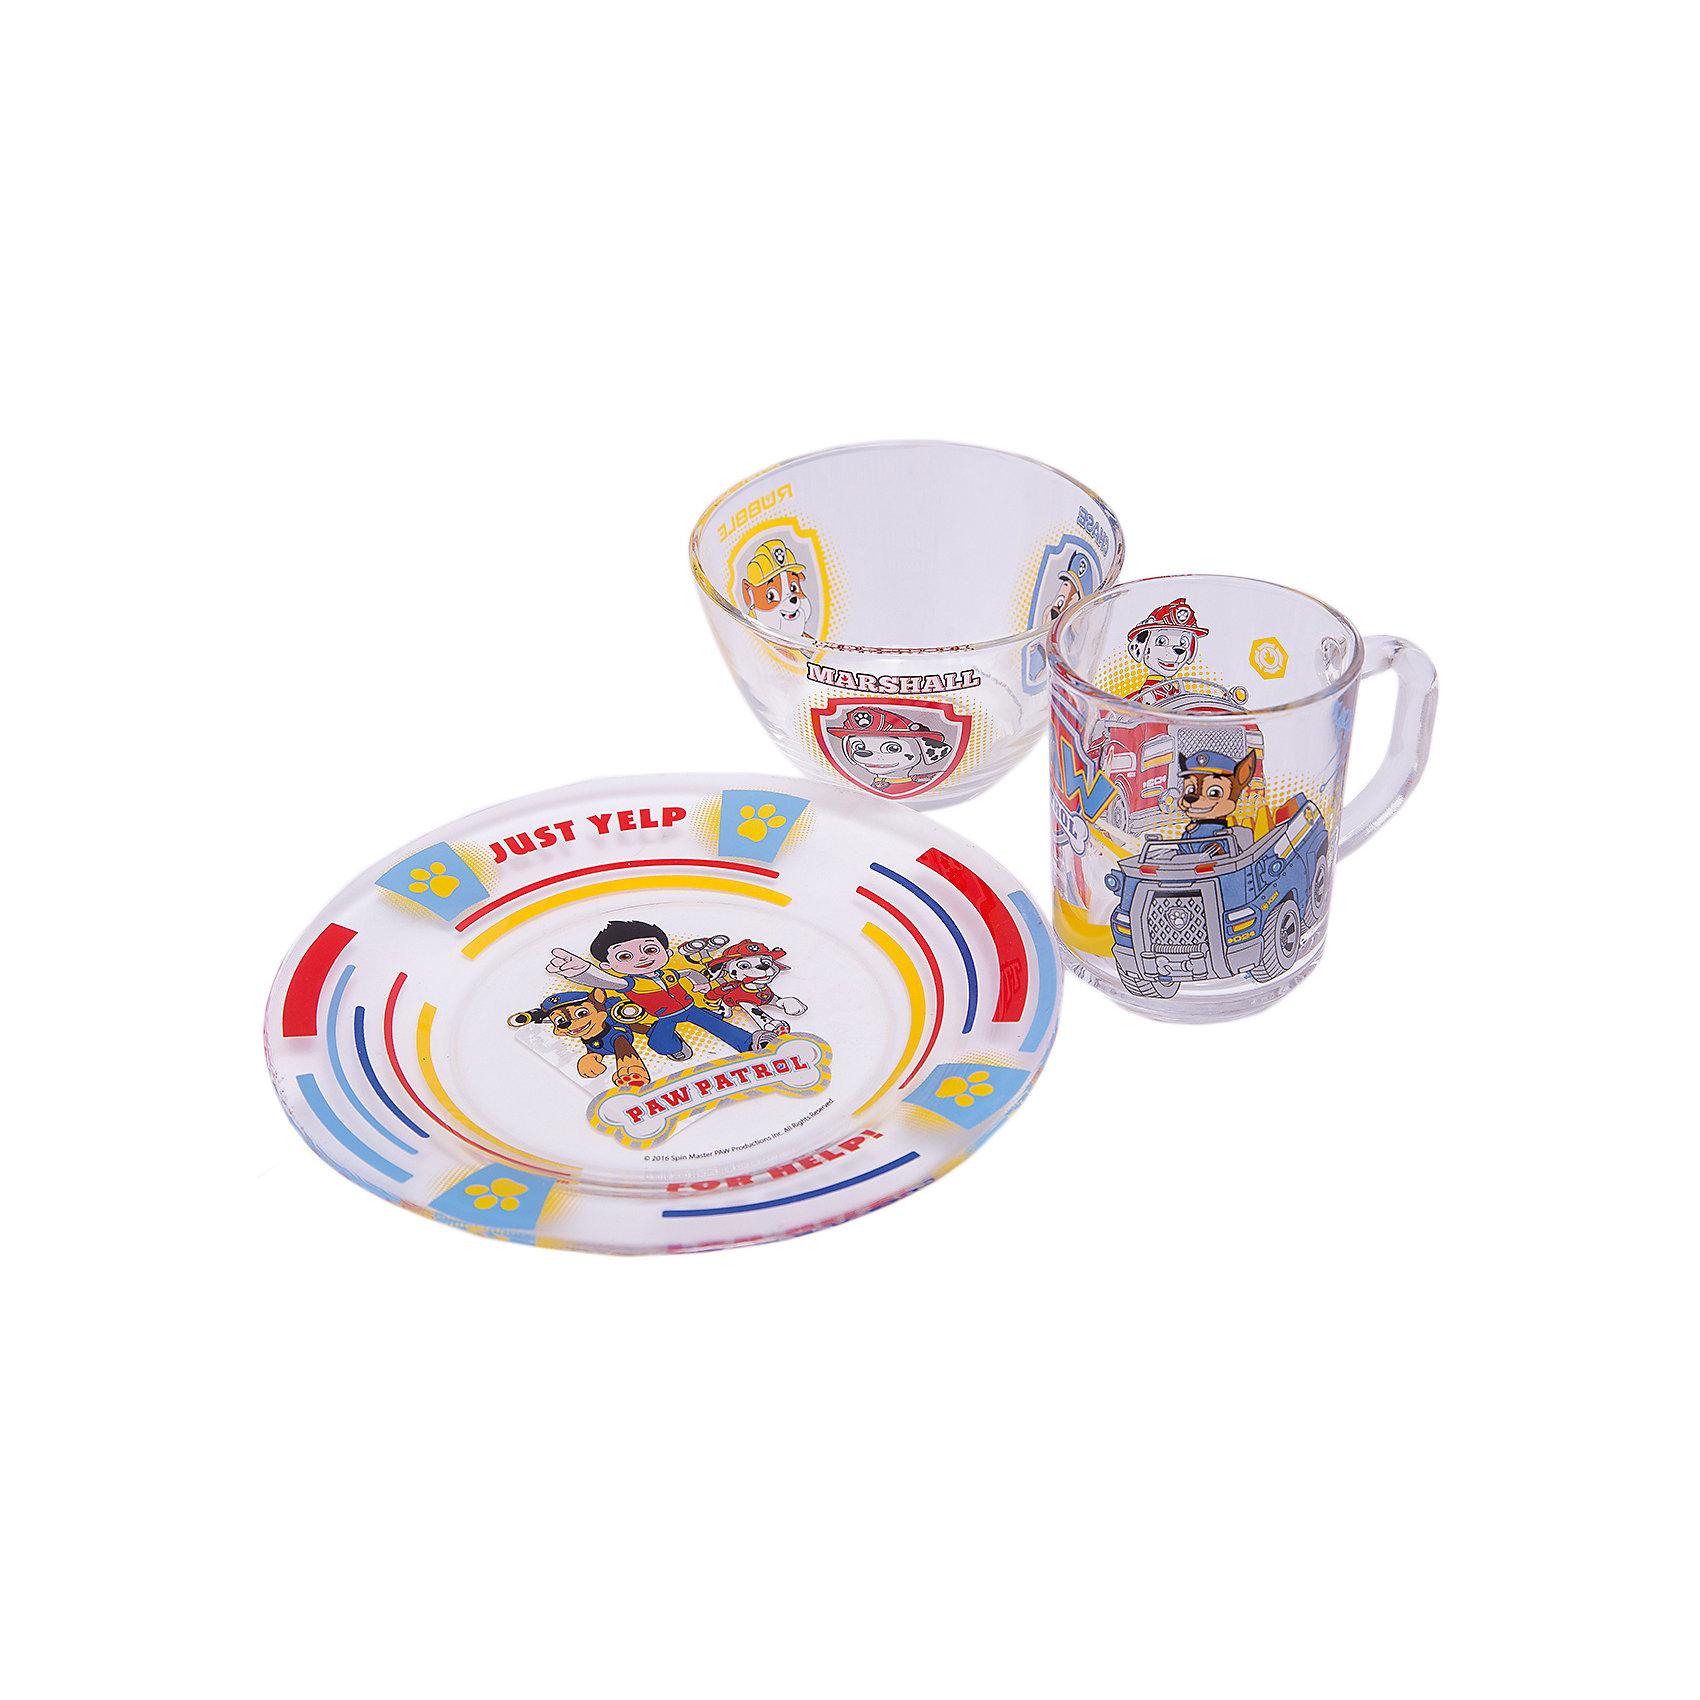 Набор посуды Щенячий патруль (3 предмета, стекло)Посуда<br>Набор посуды Щенячий патруль (3 предмета, стекло)<br><br>Характеристики:<br><br>• подходит для микроволновой печи<br>• подходит для посудомоечной машины<br>• красочный дизайн с персонажами мультфильма<br>• материал: стекло<br>• в комплекте: миска, тарелка, кружка<br>• объем кружки: 250 мл<br>• диаметр салатника: 13 см<br>• диаметр тарелки: 19,5 см<br>• размер упаковки: 20х10,8х20,2 см<br>• вес: 960 грамм<br><br>С набором Щенячий патруль ваш малыш всегда будет с радостью бежать за стол! Посуда изготовлена из стекла и декорирована изображением главных героев мультфильма. Райдер, Крепыш, Гонщик и Маршал сделают обед ещё вкуснее. Вся посуда подходит для посудомоечной машины и микроволновой печи. Объем кружки - 250 мл. Диаметр салатника -13 см. Диаметр тарелки - 19,5 сантиметров.<br><br>Набор посуды Щенячий патруль (3 предмета, стекло) вы можете купить в нашем интернет-магазине.<br><br>Ширина мм: 202<br>Глубина мм: 108<br>Высота мм: 200<br>Вес г: 960<br>Возраст от месяцев: 36<br>Возраст до месяцев: 108<br>Пол: Мужской<br>Возраст: Детский<br>SKU: 5358602